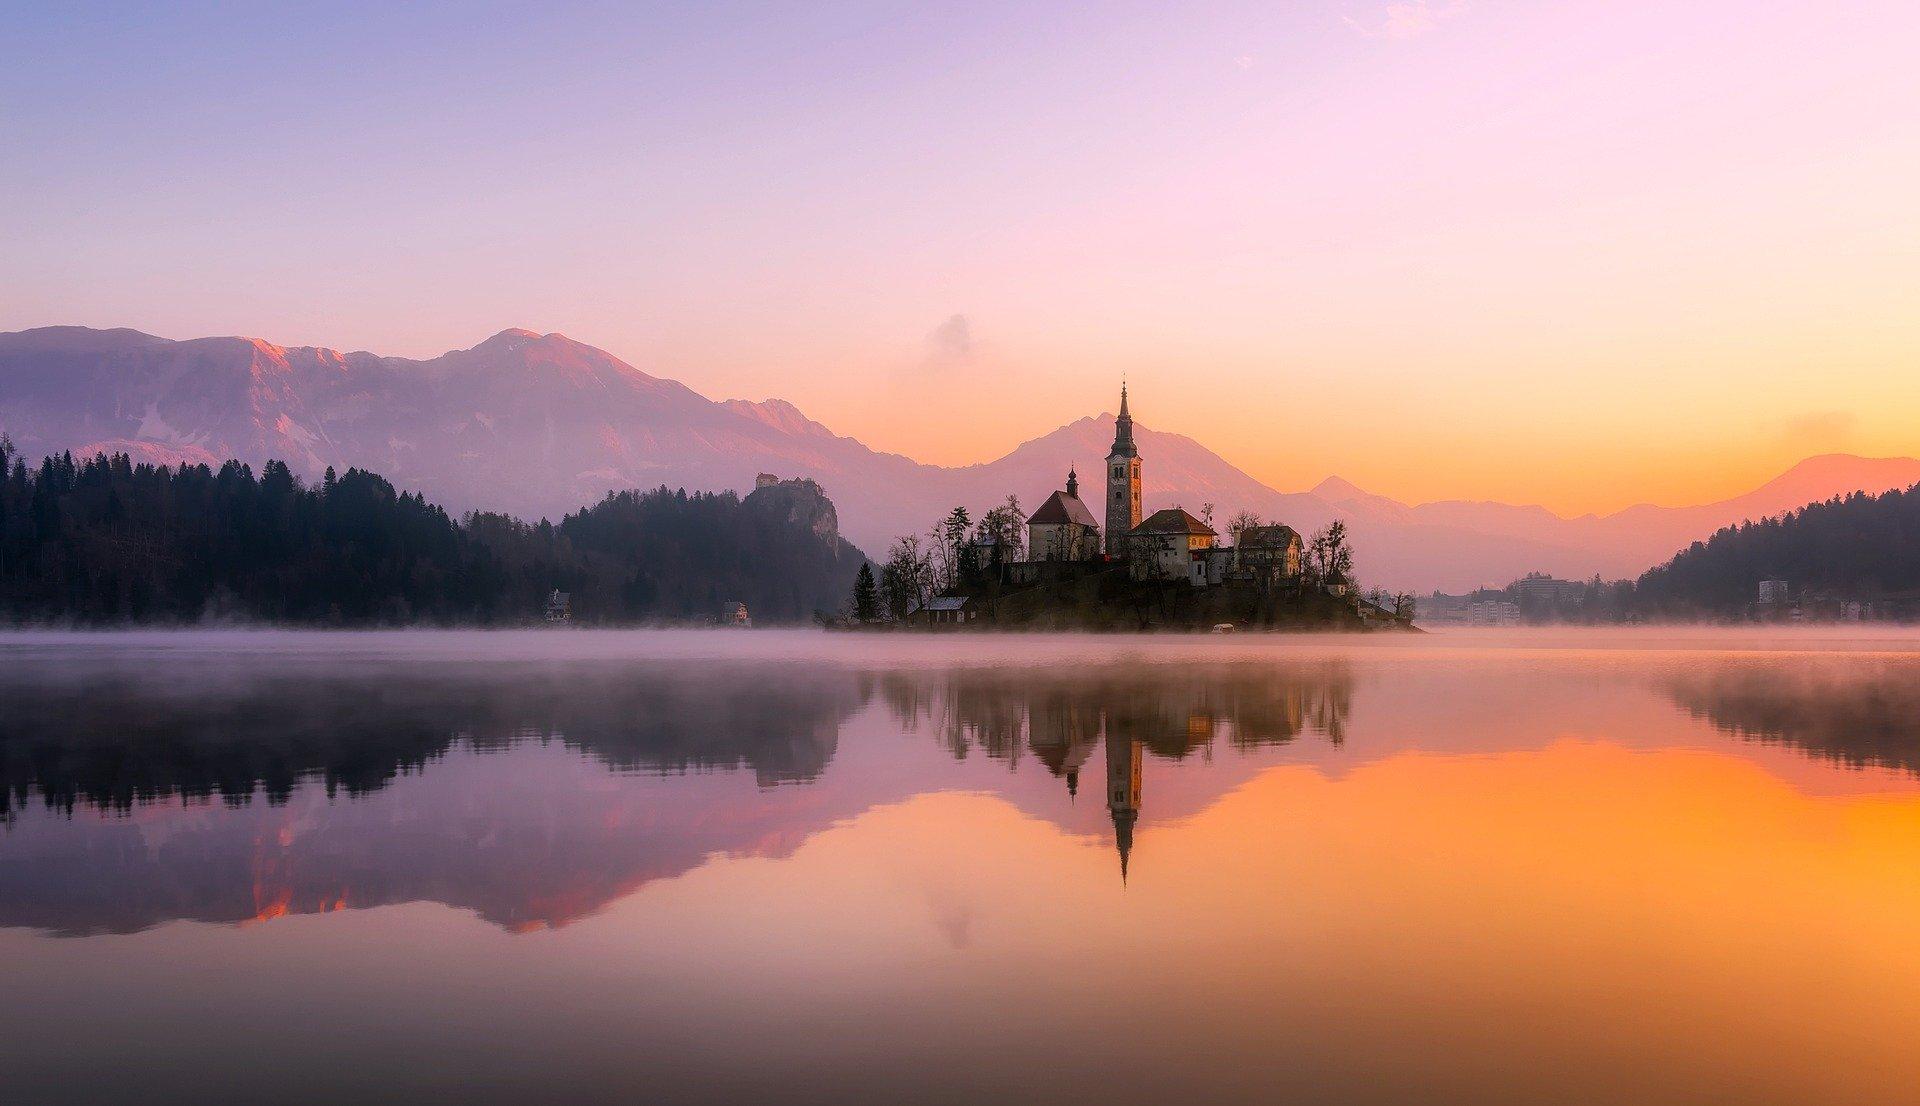 Slowenien Urlaub - Gewässer, Sonnenuntergang, Kirche